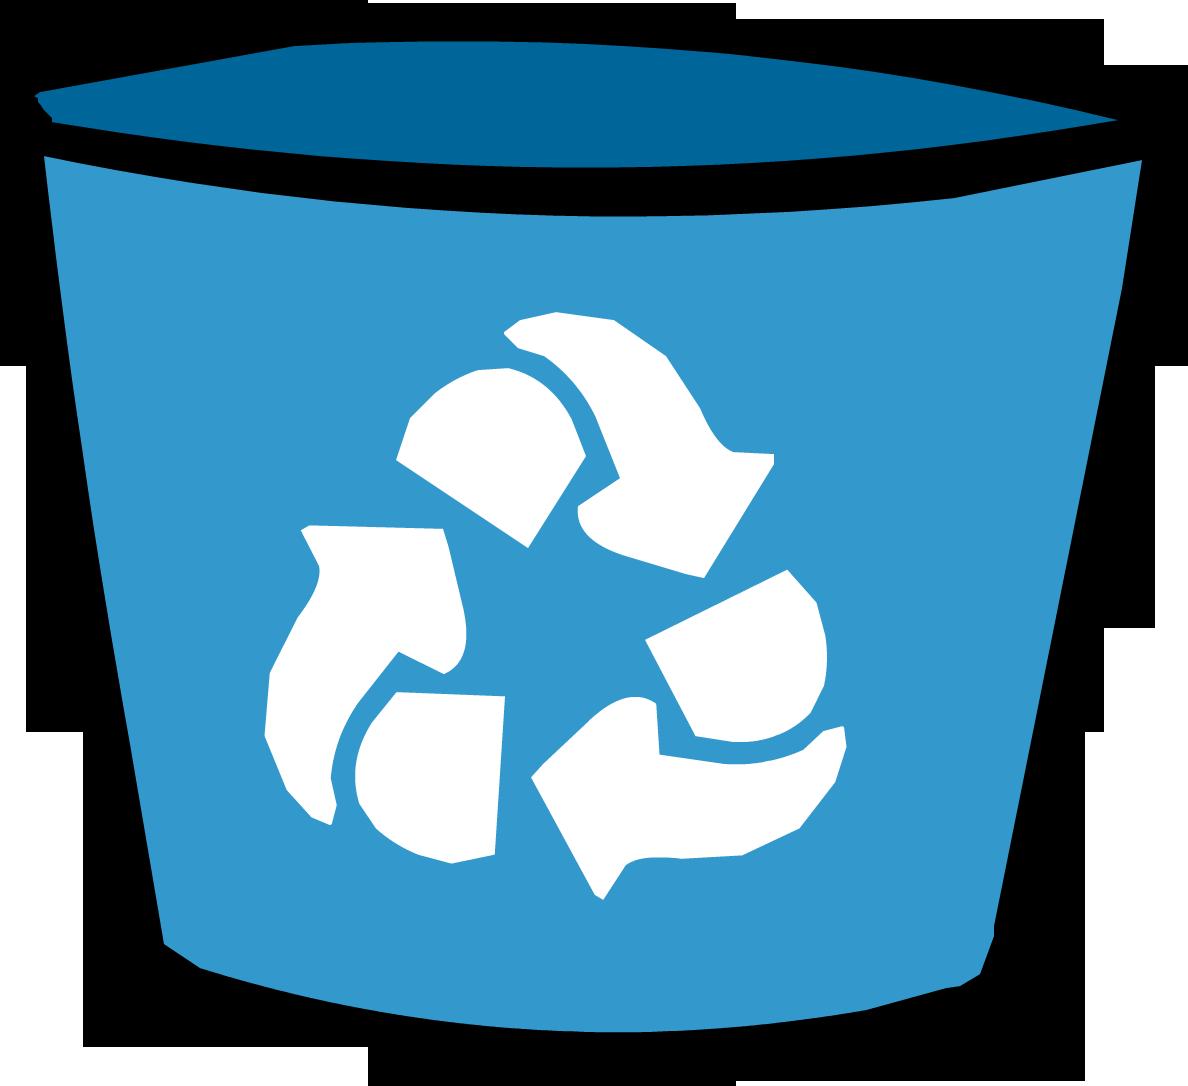 Club penguin wiki fandom. Garbage clipart recycle bin